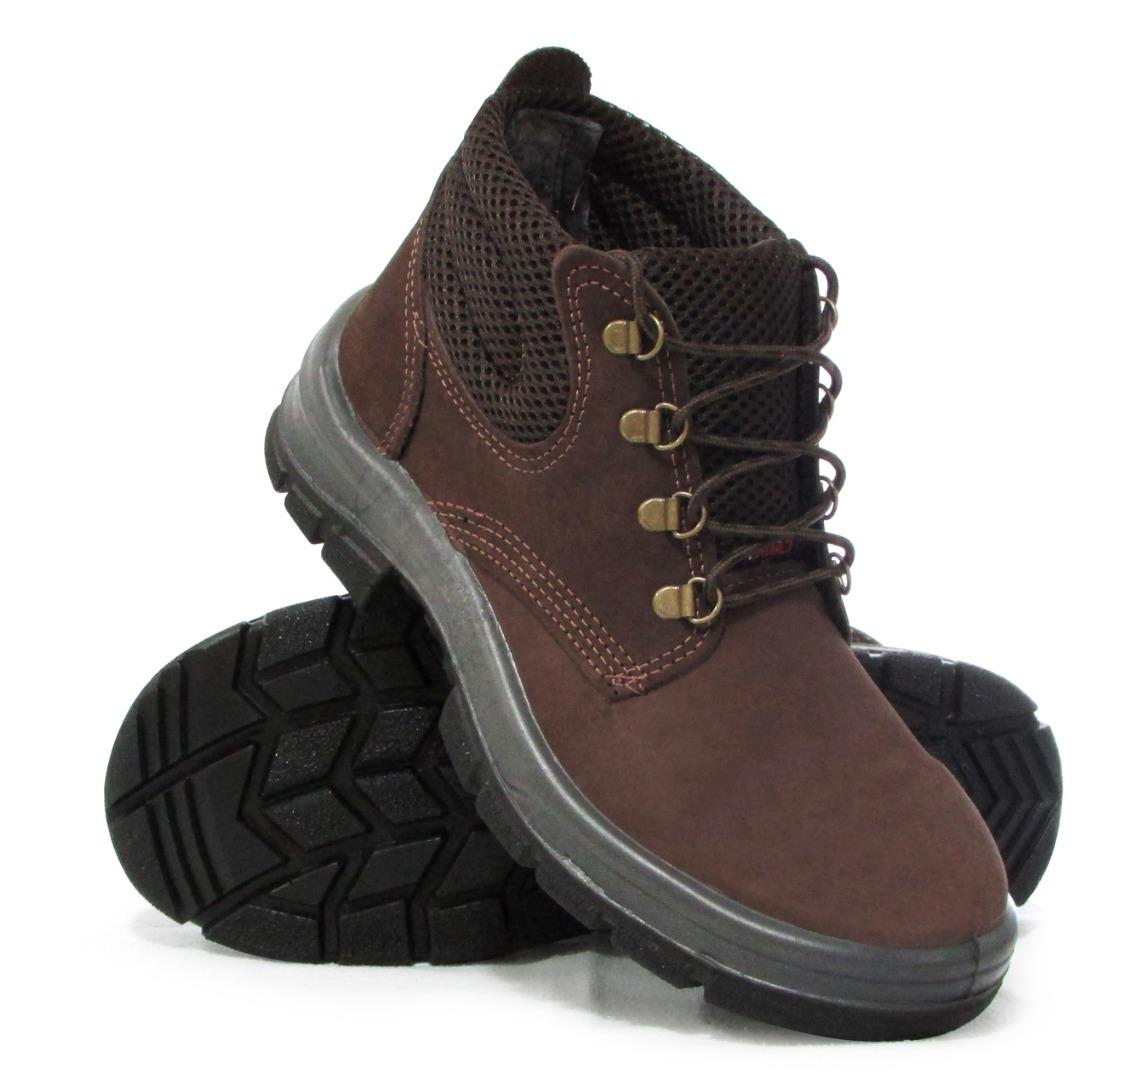 d4fd8ea85323d kit 5 botas botina epi segurança crival nobuck marrom cp092. Carregando  zoom.